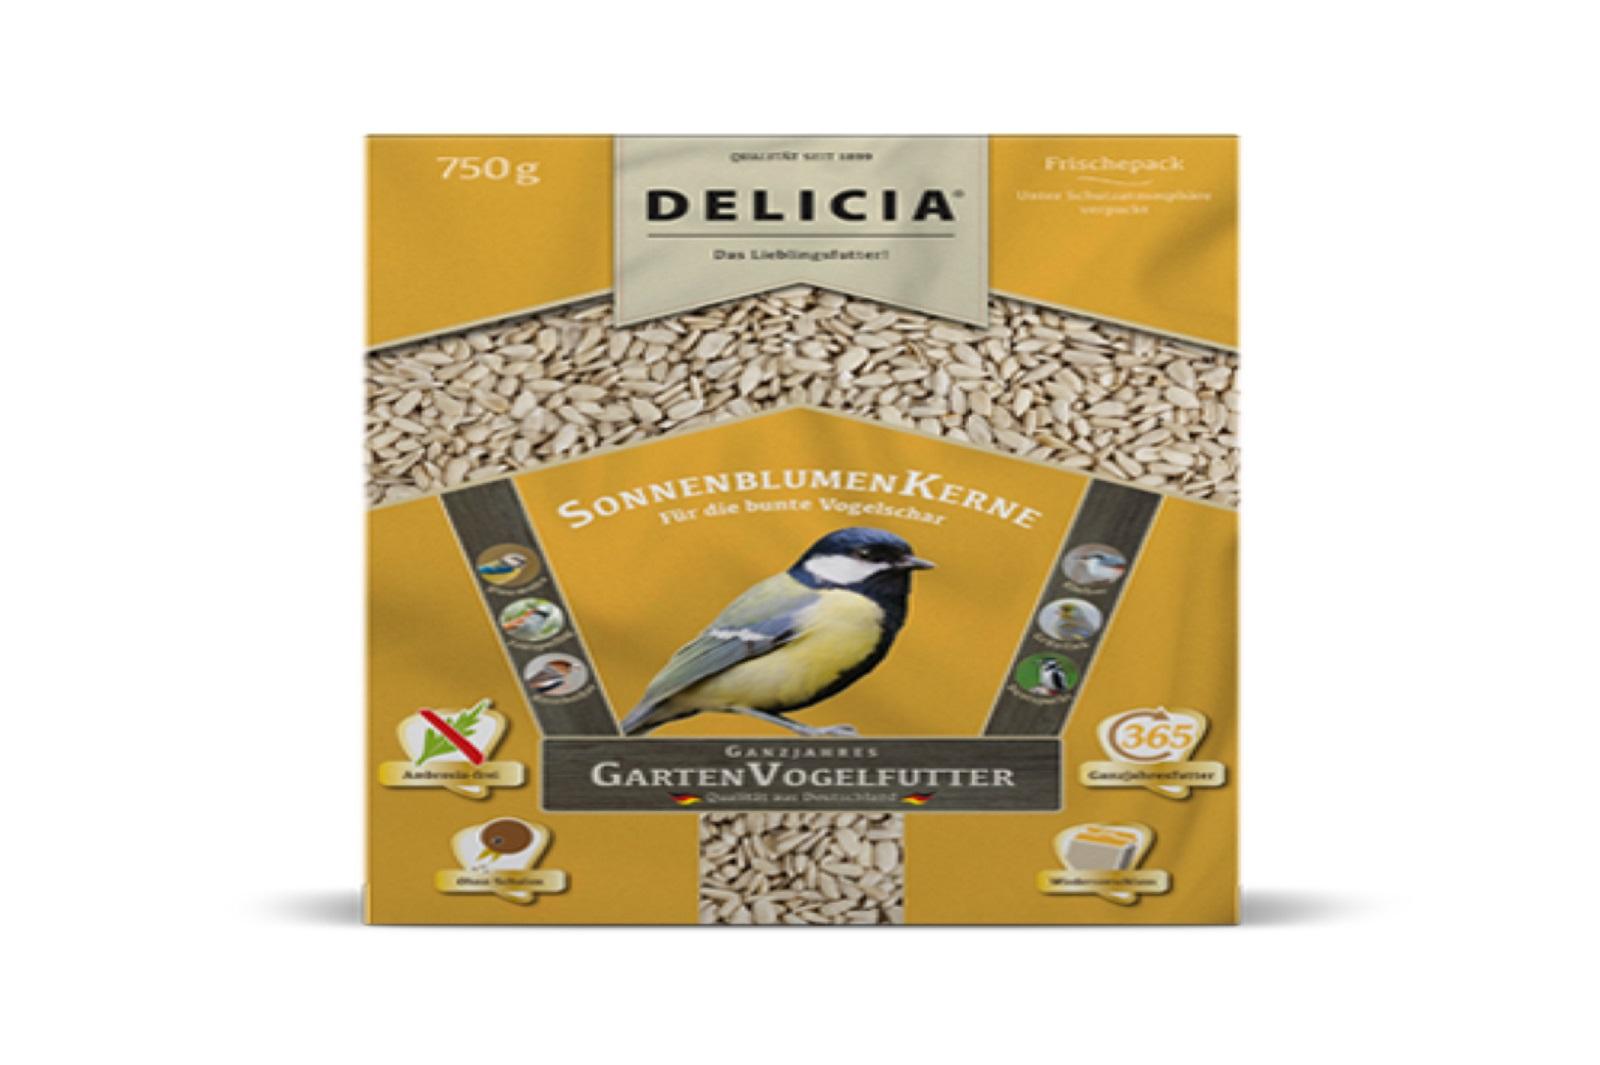 Delicia 750 g Vogelfutter Sonnenblumenkerne Gartenvögel  Ganzjahresfutter